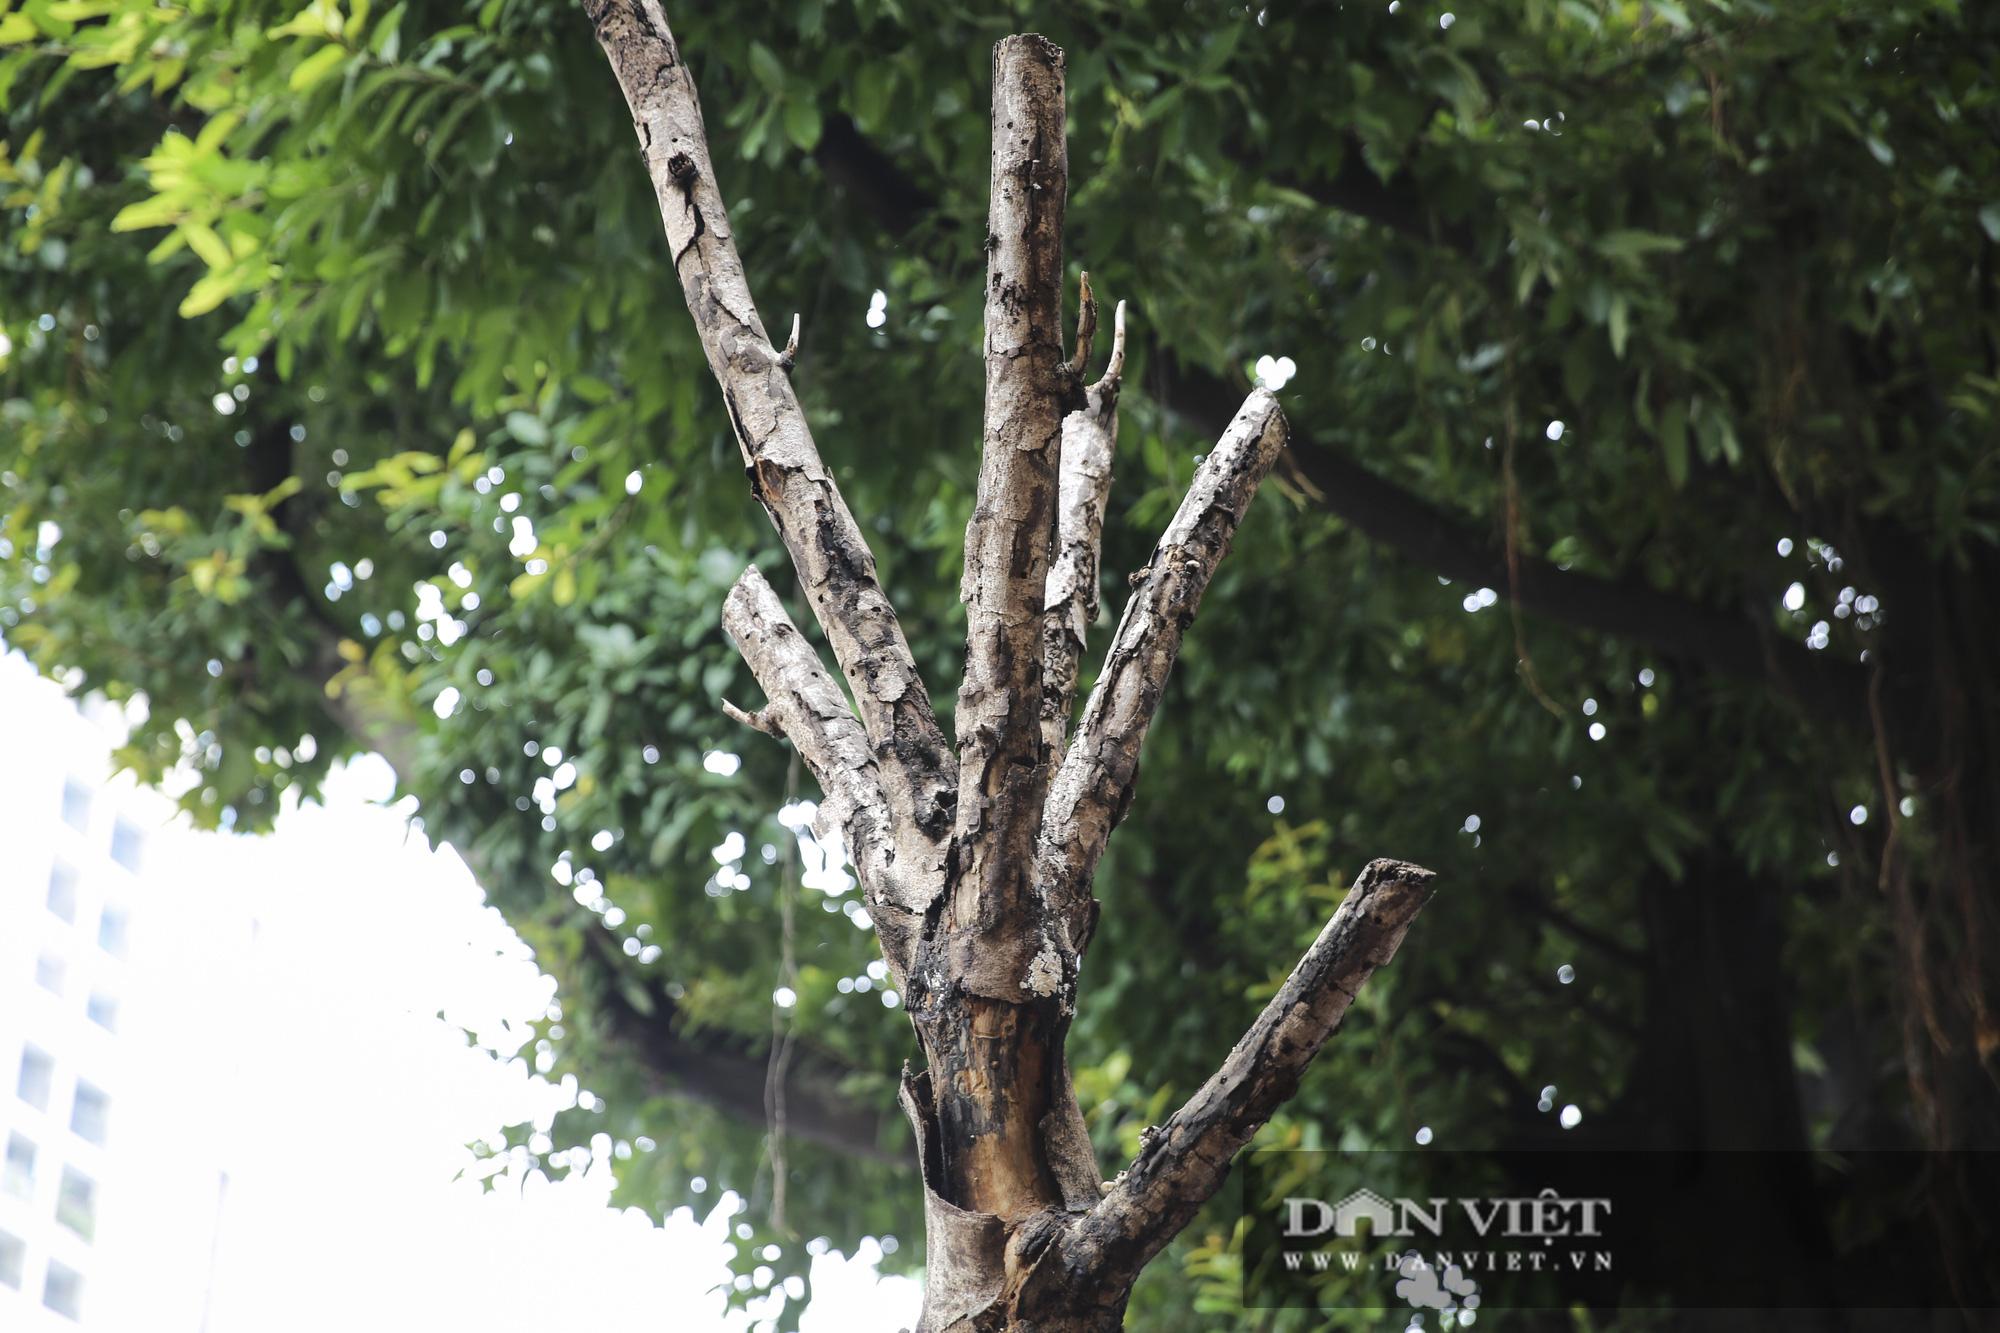 Hà Nội: Nhiều cây xanh trồng mới có dấu hiệu chết khô  - Ảnh 9.